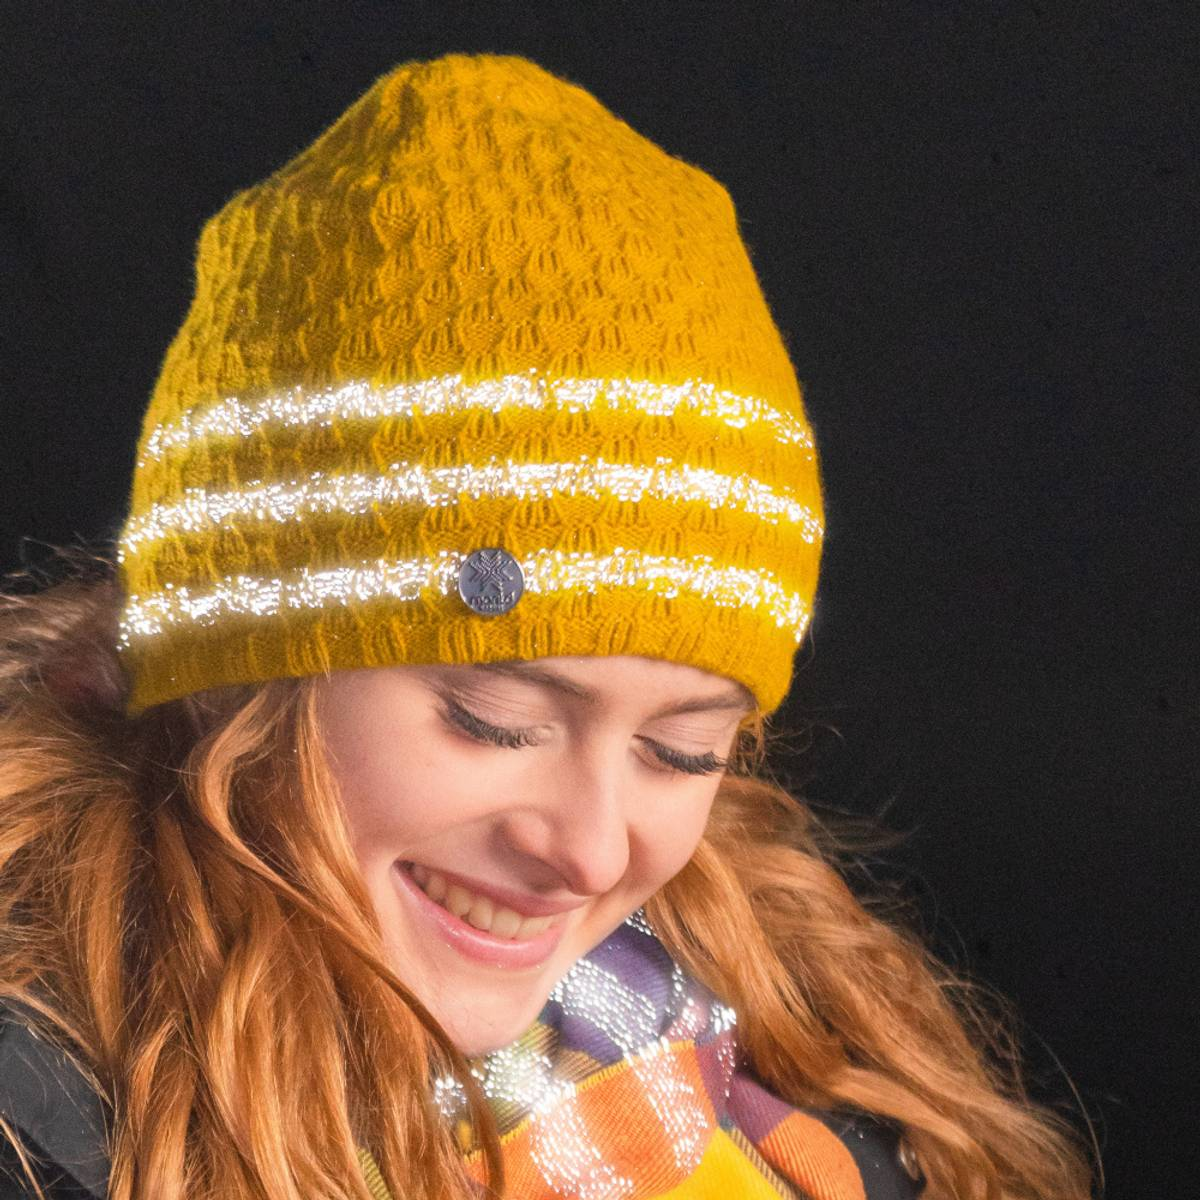 Morild Mork lue med refleks, gul